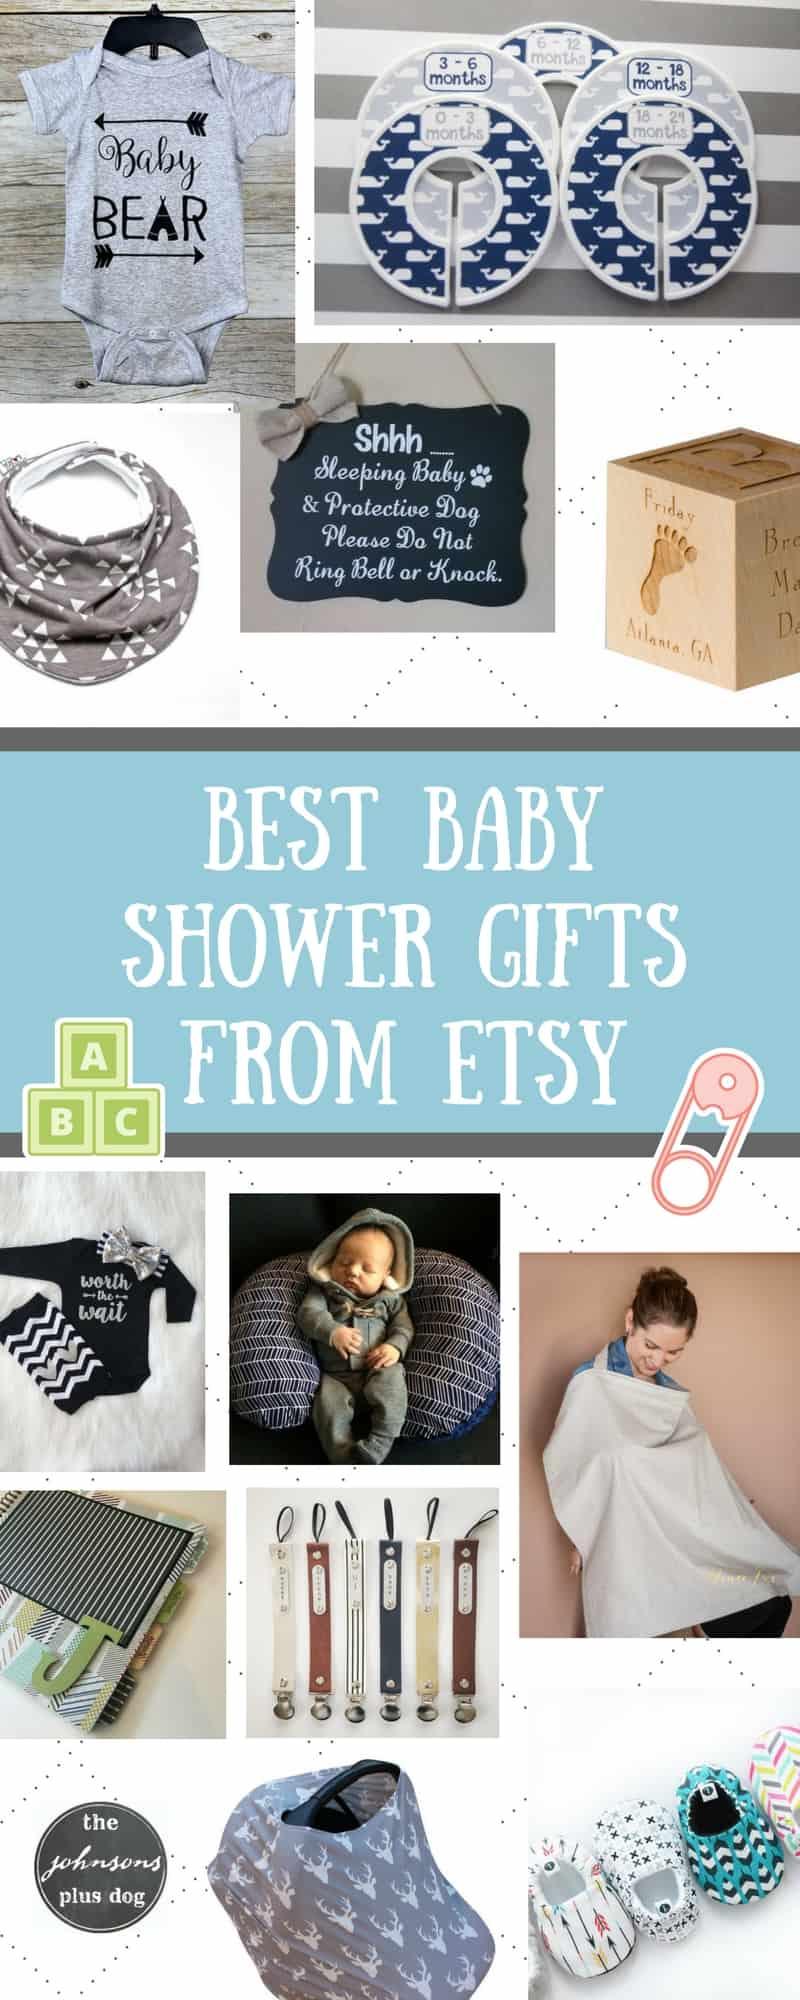 Fullsize Of Etsy Baby Shower